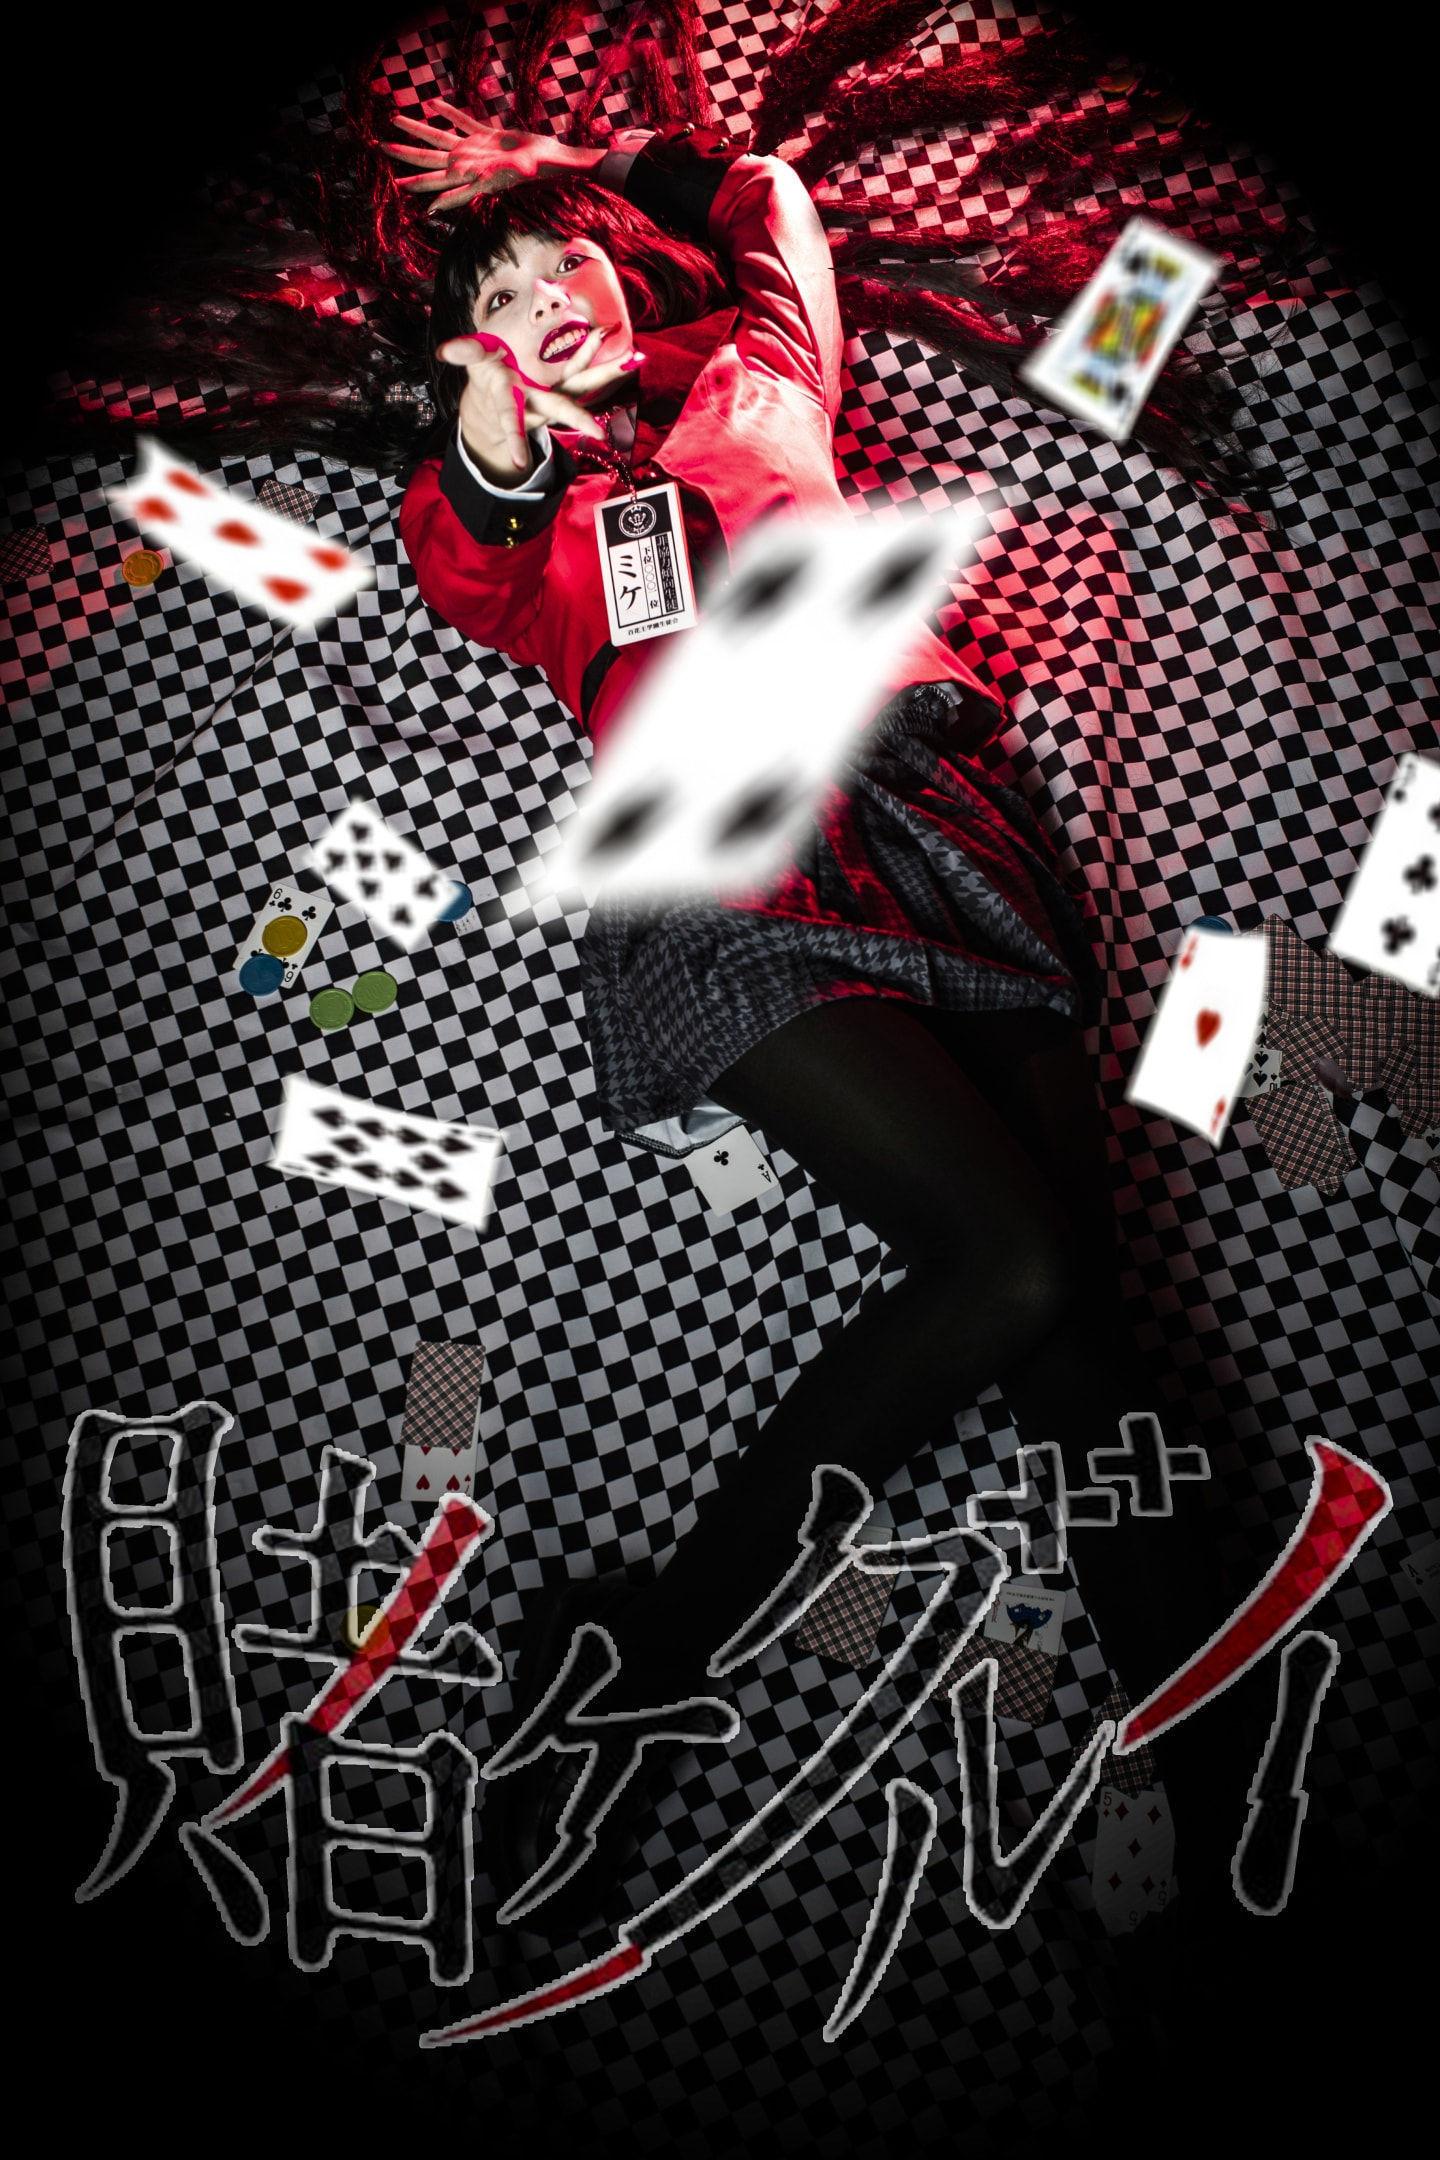 狂赌之渊 蛇喰梦子cosplay插图(2)